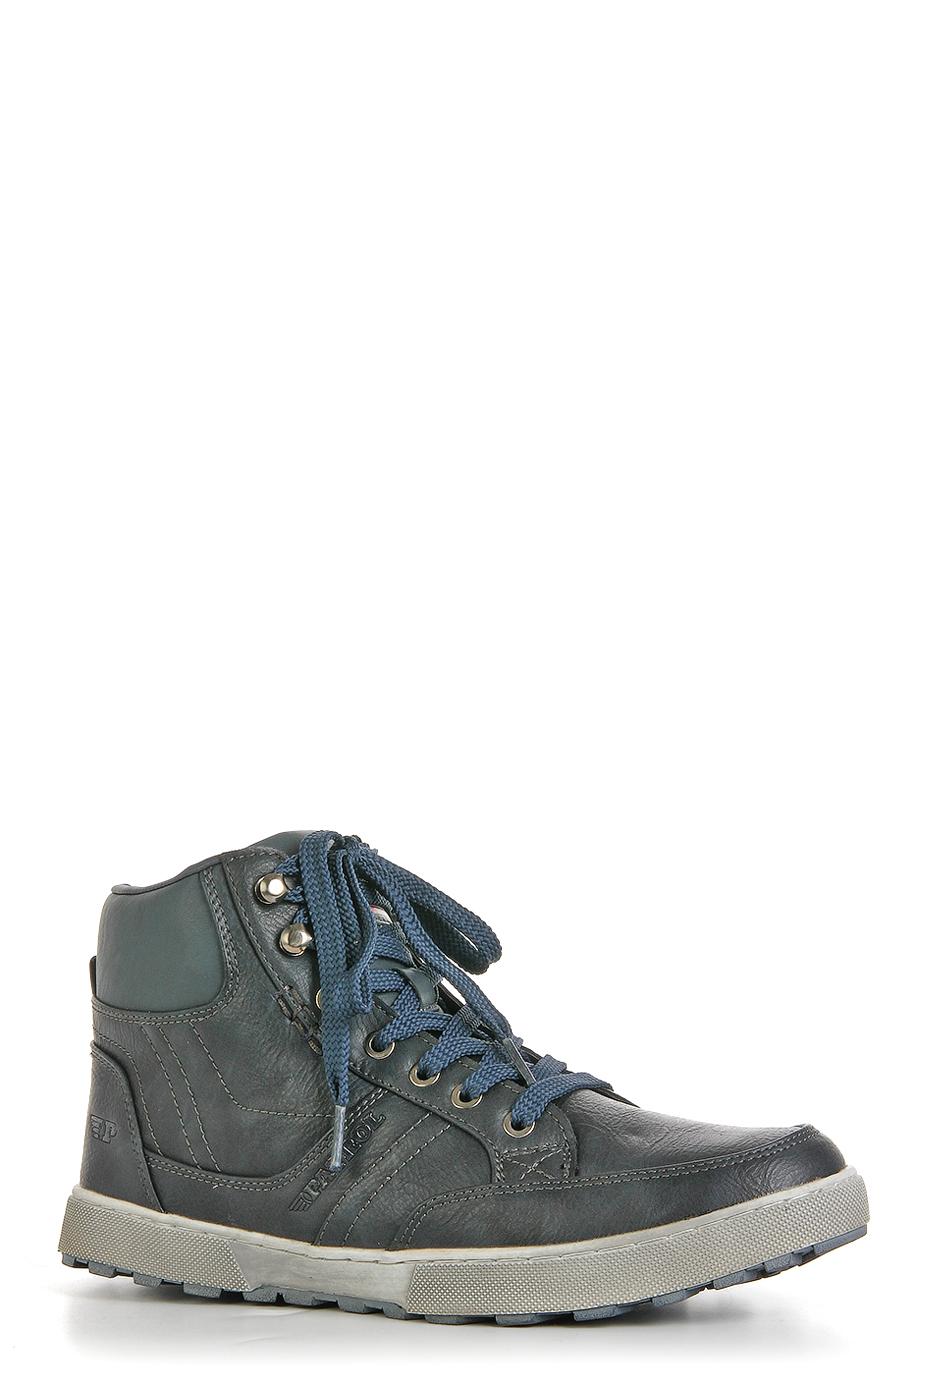 Ботинки PATROL (48-612IM-16W-01-42NAVY)